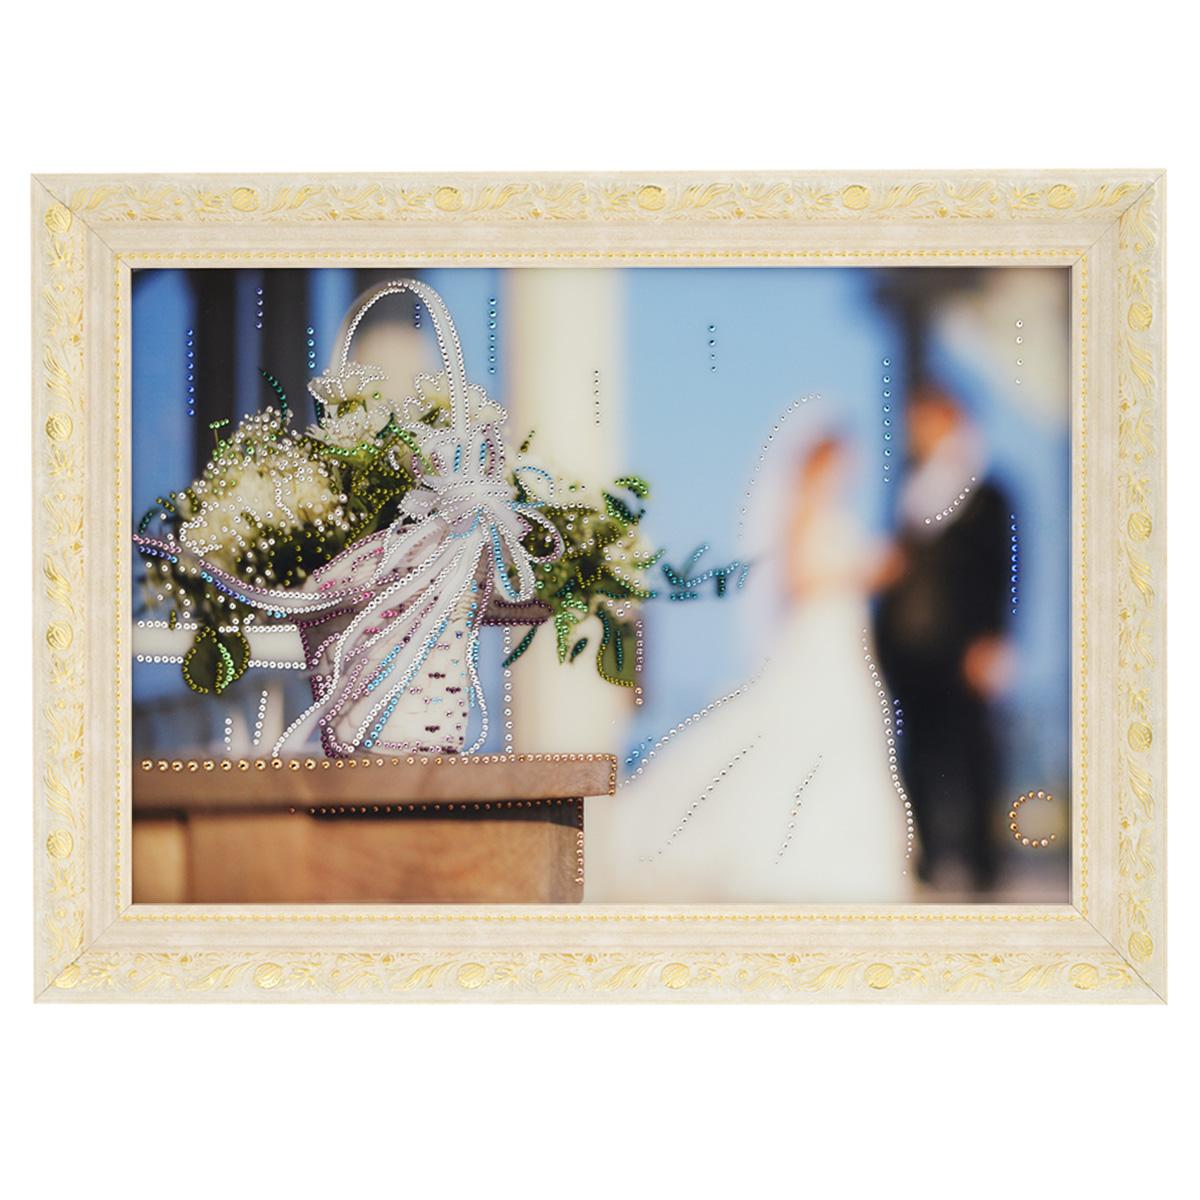 Картина с кристаллами Swarovski Свадебные цветы, 70 см х 50 см12245Изящная картина в багетной раме, инкрустирована кристаллами Swarovski, которые отличаются четкой и ровной огранкой, ярким блеском и чистотой цвета. Красочное изображение свадебных цветов, расположенное под стеклом, прекрасно дополняет блеск кристаллов. С обратной стороны имеется металлическая проволока для размещения картины на стене. Картина с кристаллами Swarovski Свадебные цветы элегантно украсит интерьер дома или офиса, а также станет прекрасным подарком, который обязательно понравится получателю. Блеск кристаллов в интерьере, что может быть сказочнее и удивительнее. Картина упакована в подарочную картонную коробку синего цвета и комплектуется сертификатом соответствия Swarovski.